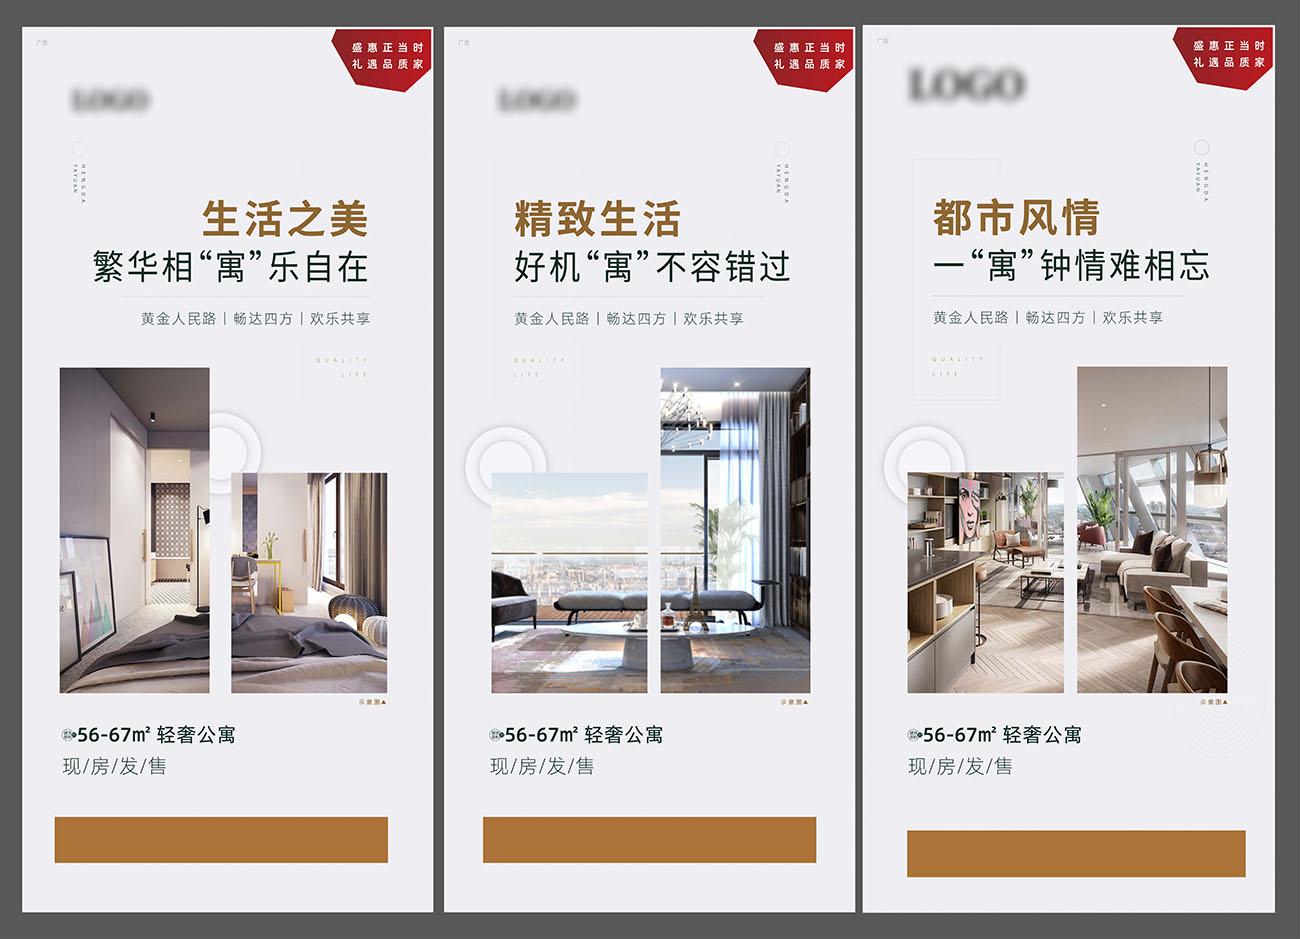 地产白色简约公寓住宅价值点系列海报AI源文件插图